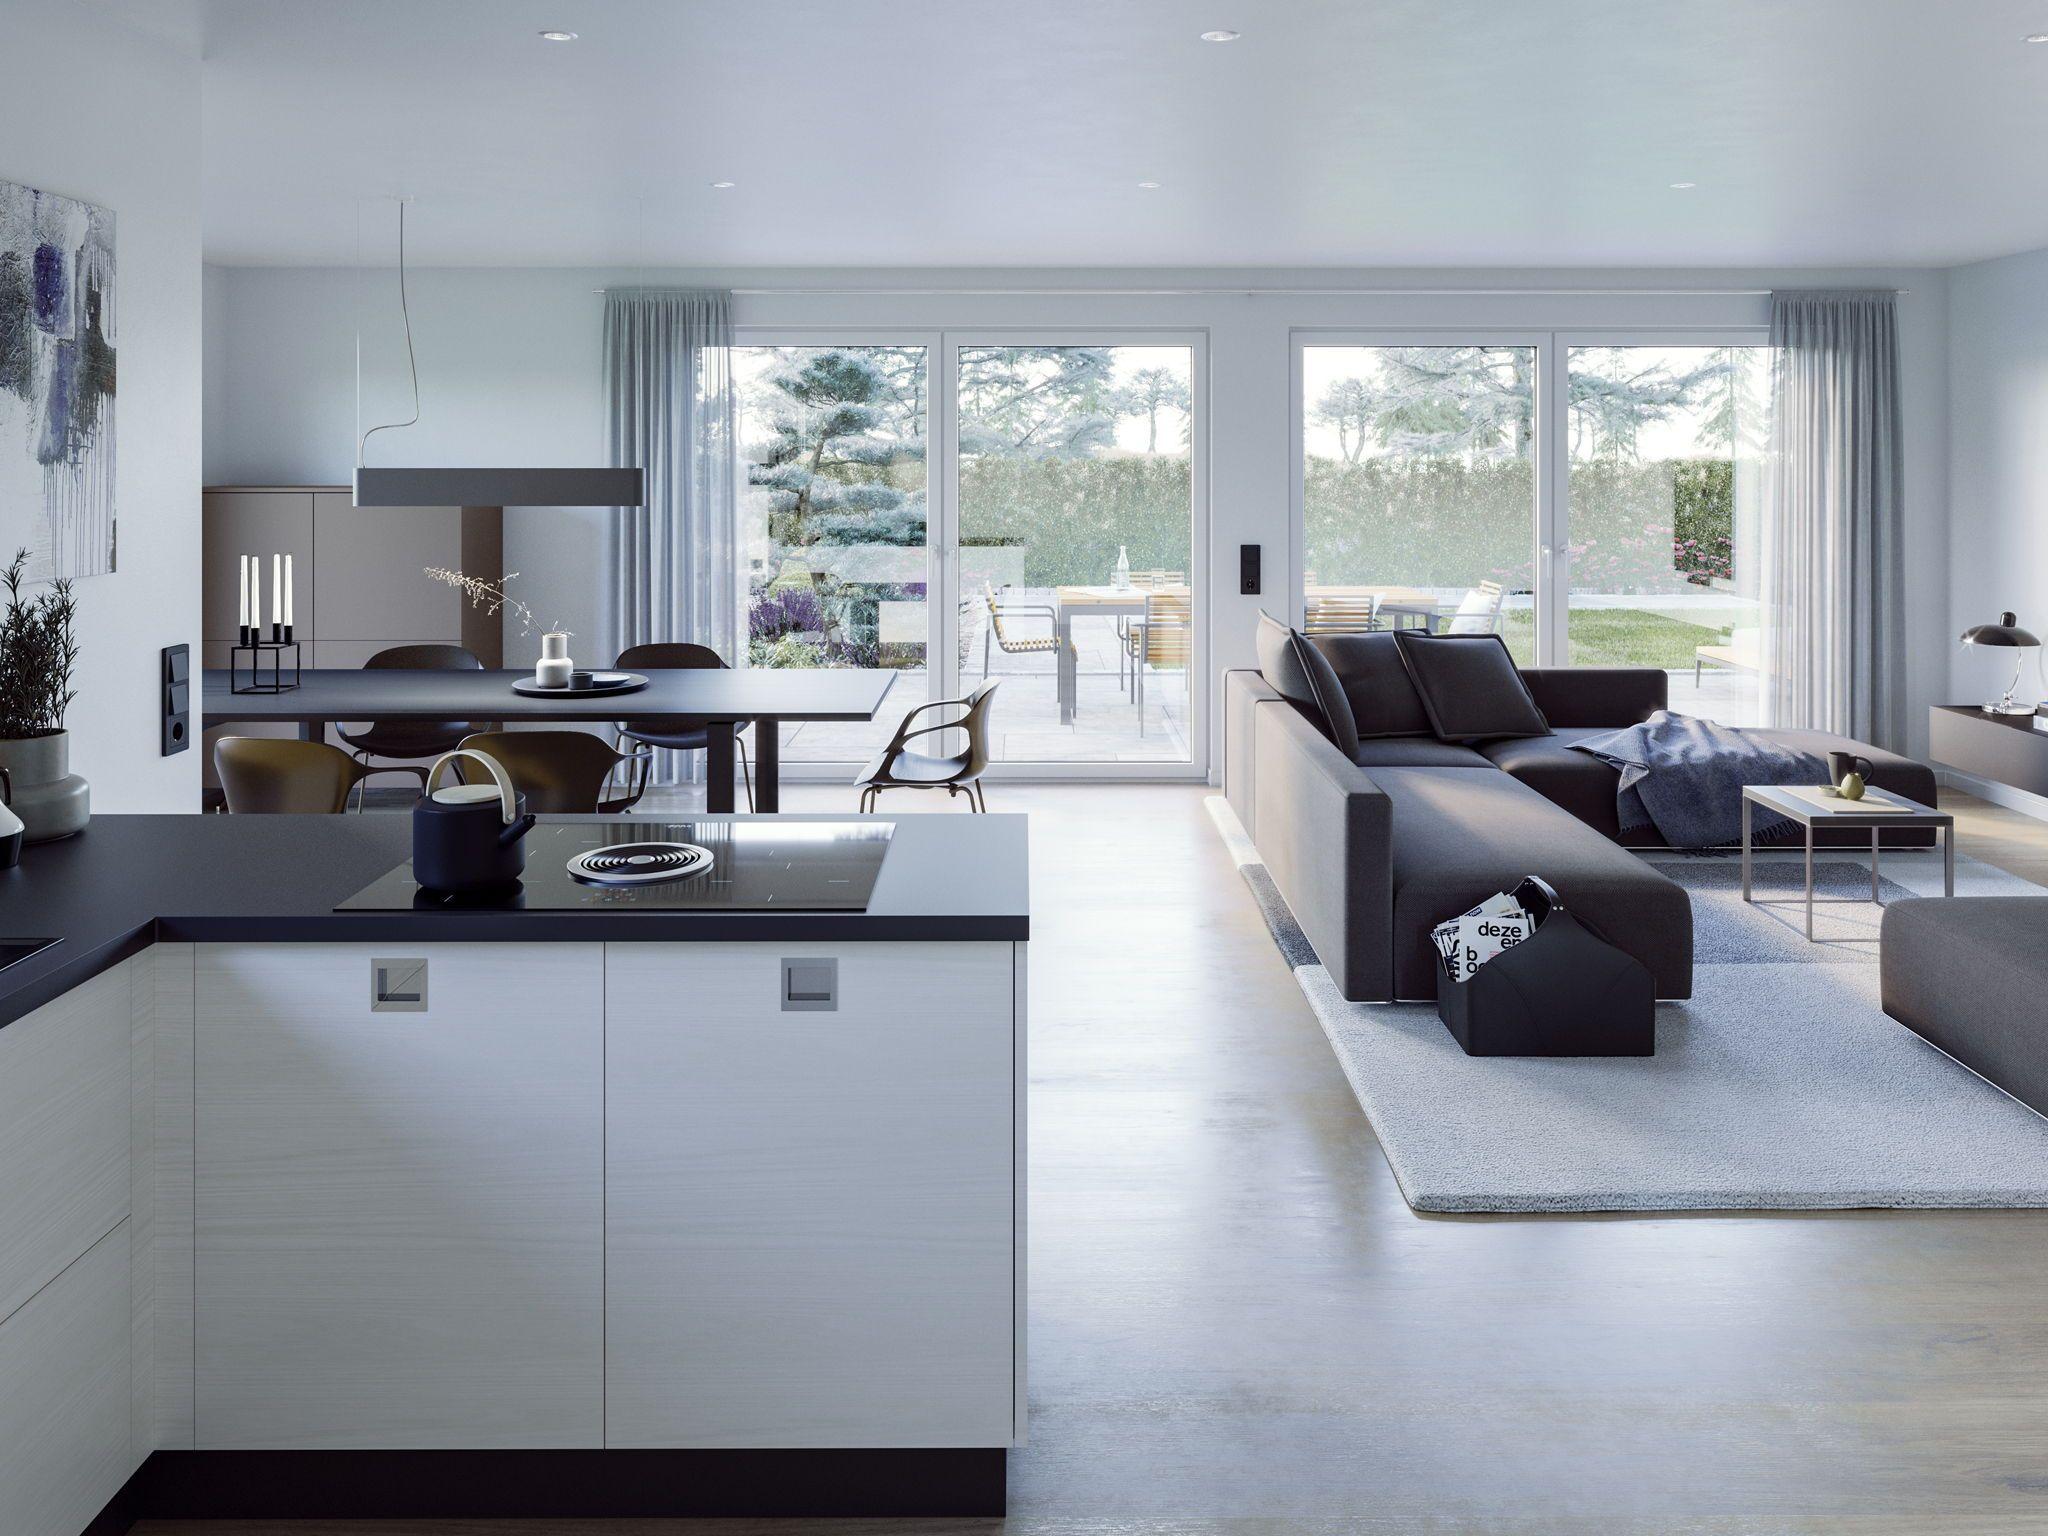 Modernes Wohnen mit offener Küche, Wohnzimmer & Esszimmer